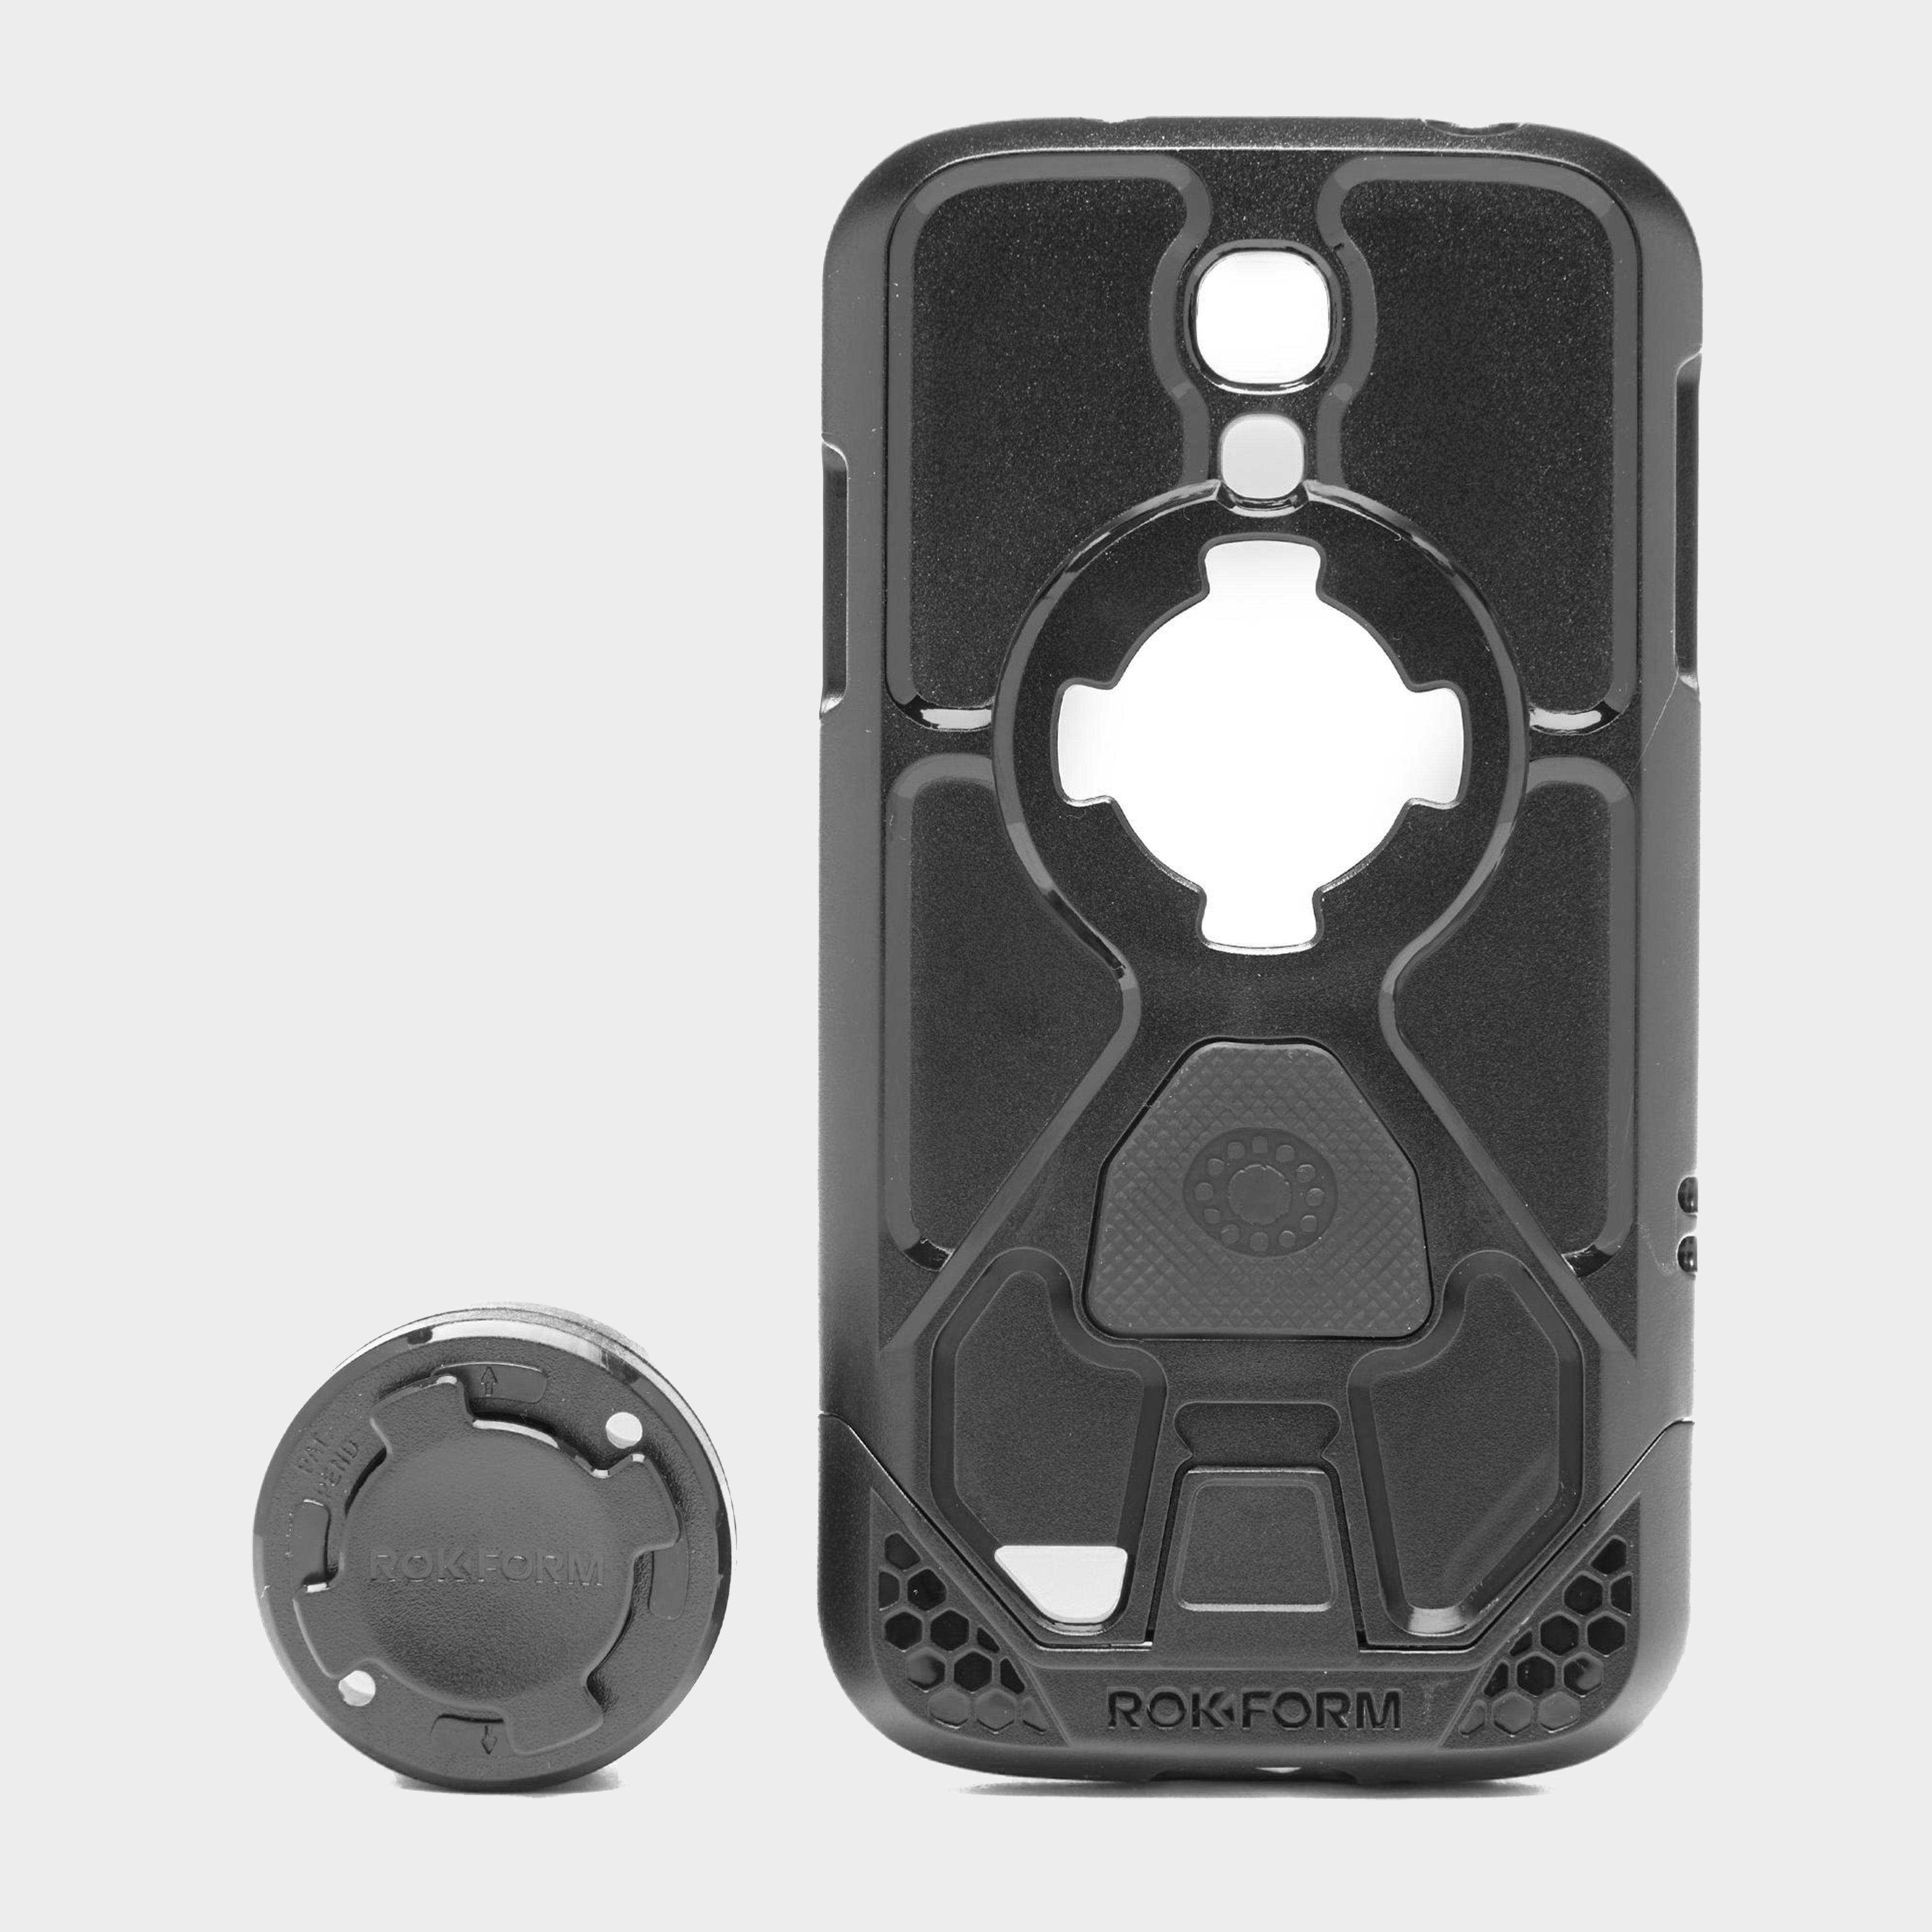 Rokform Samsung Galaxy S4 Mountable Case - Black/Black, Black